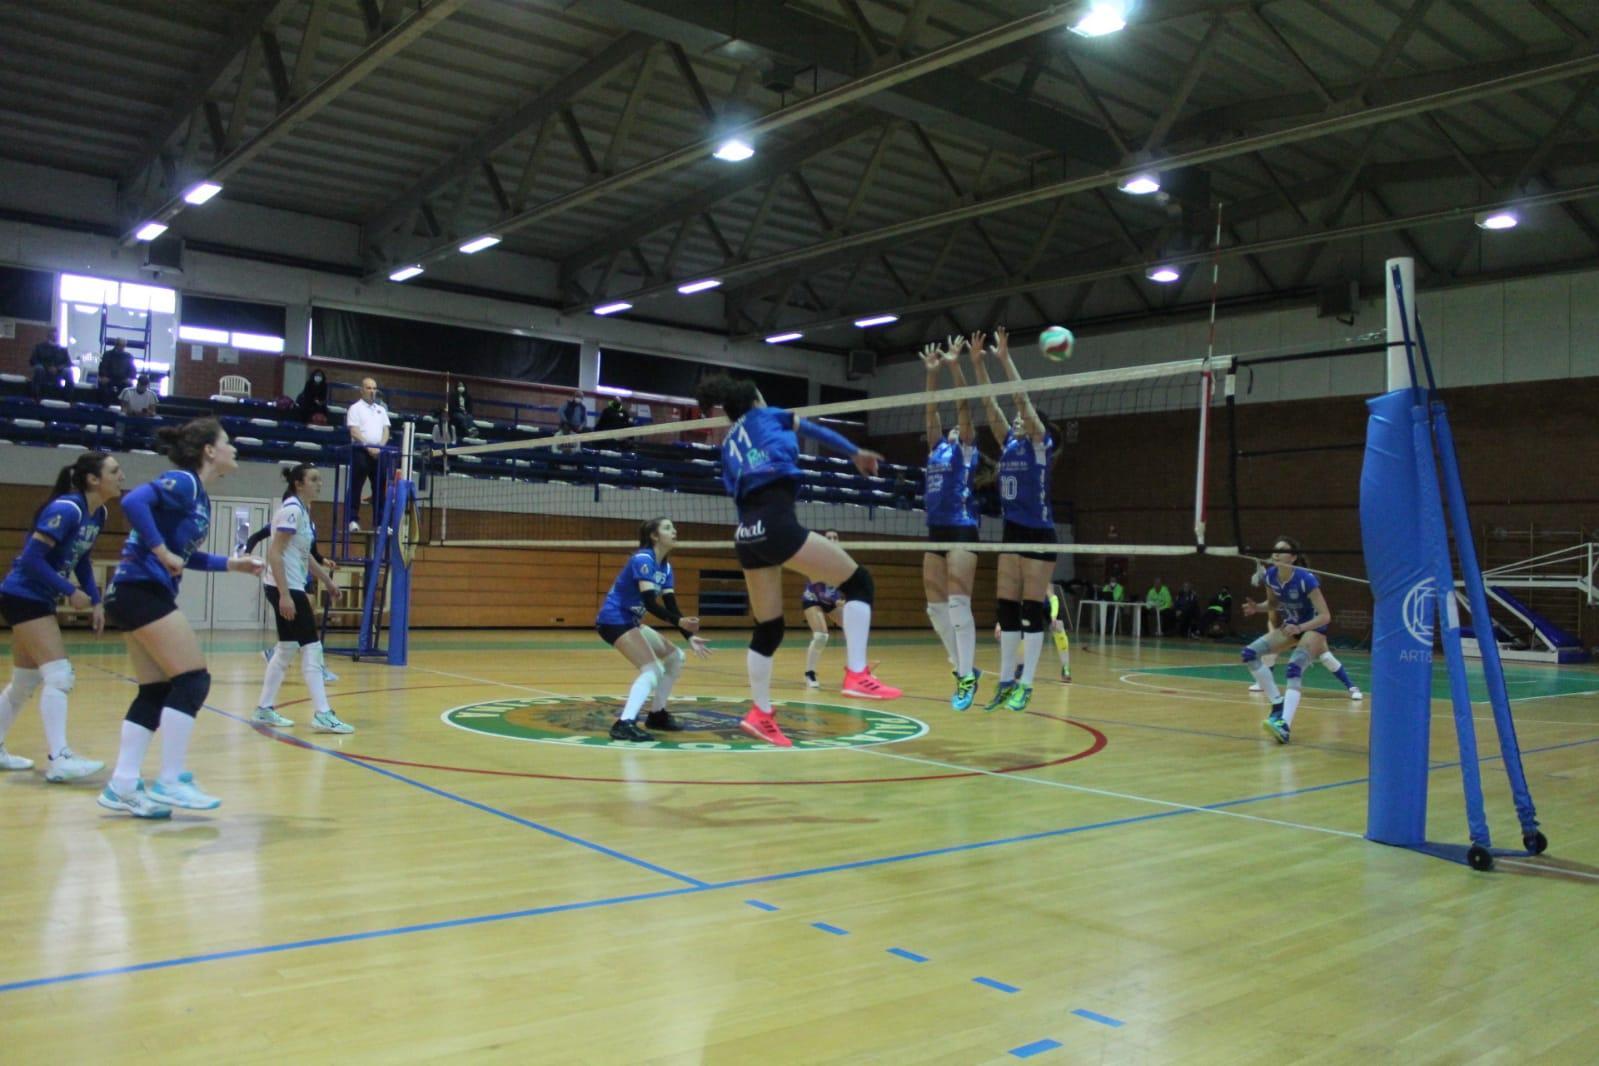 serie-c-volley-terracina-vittoria-e-secondo-posto-blindato